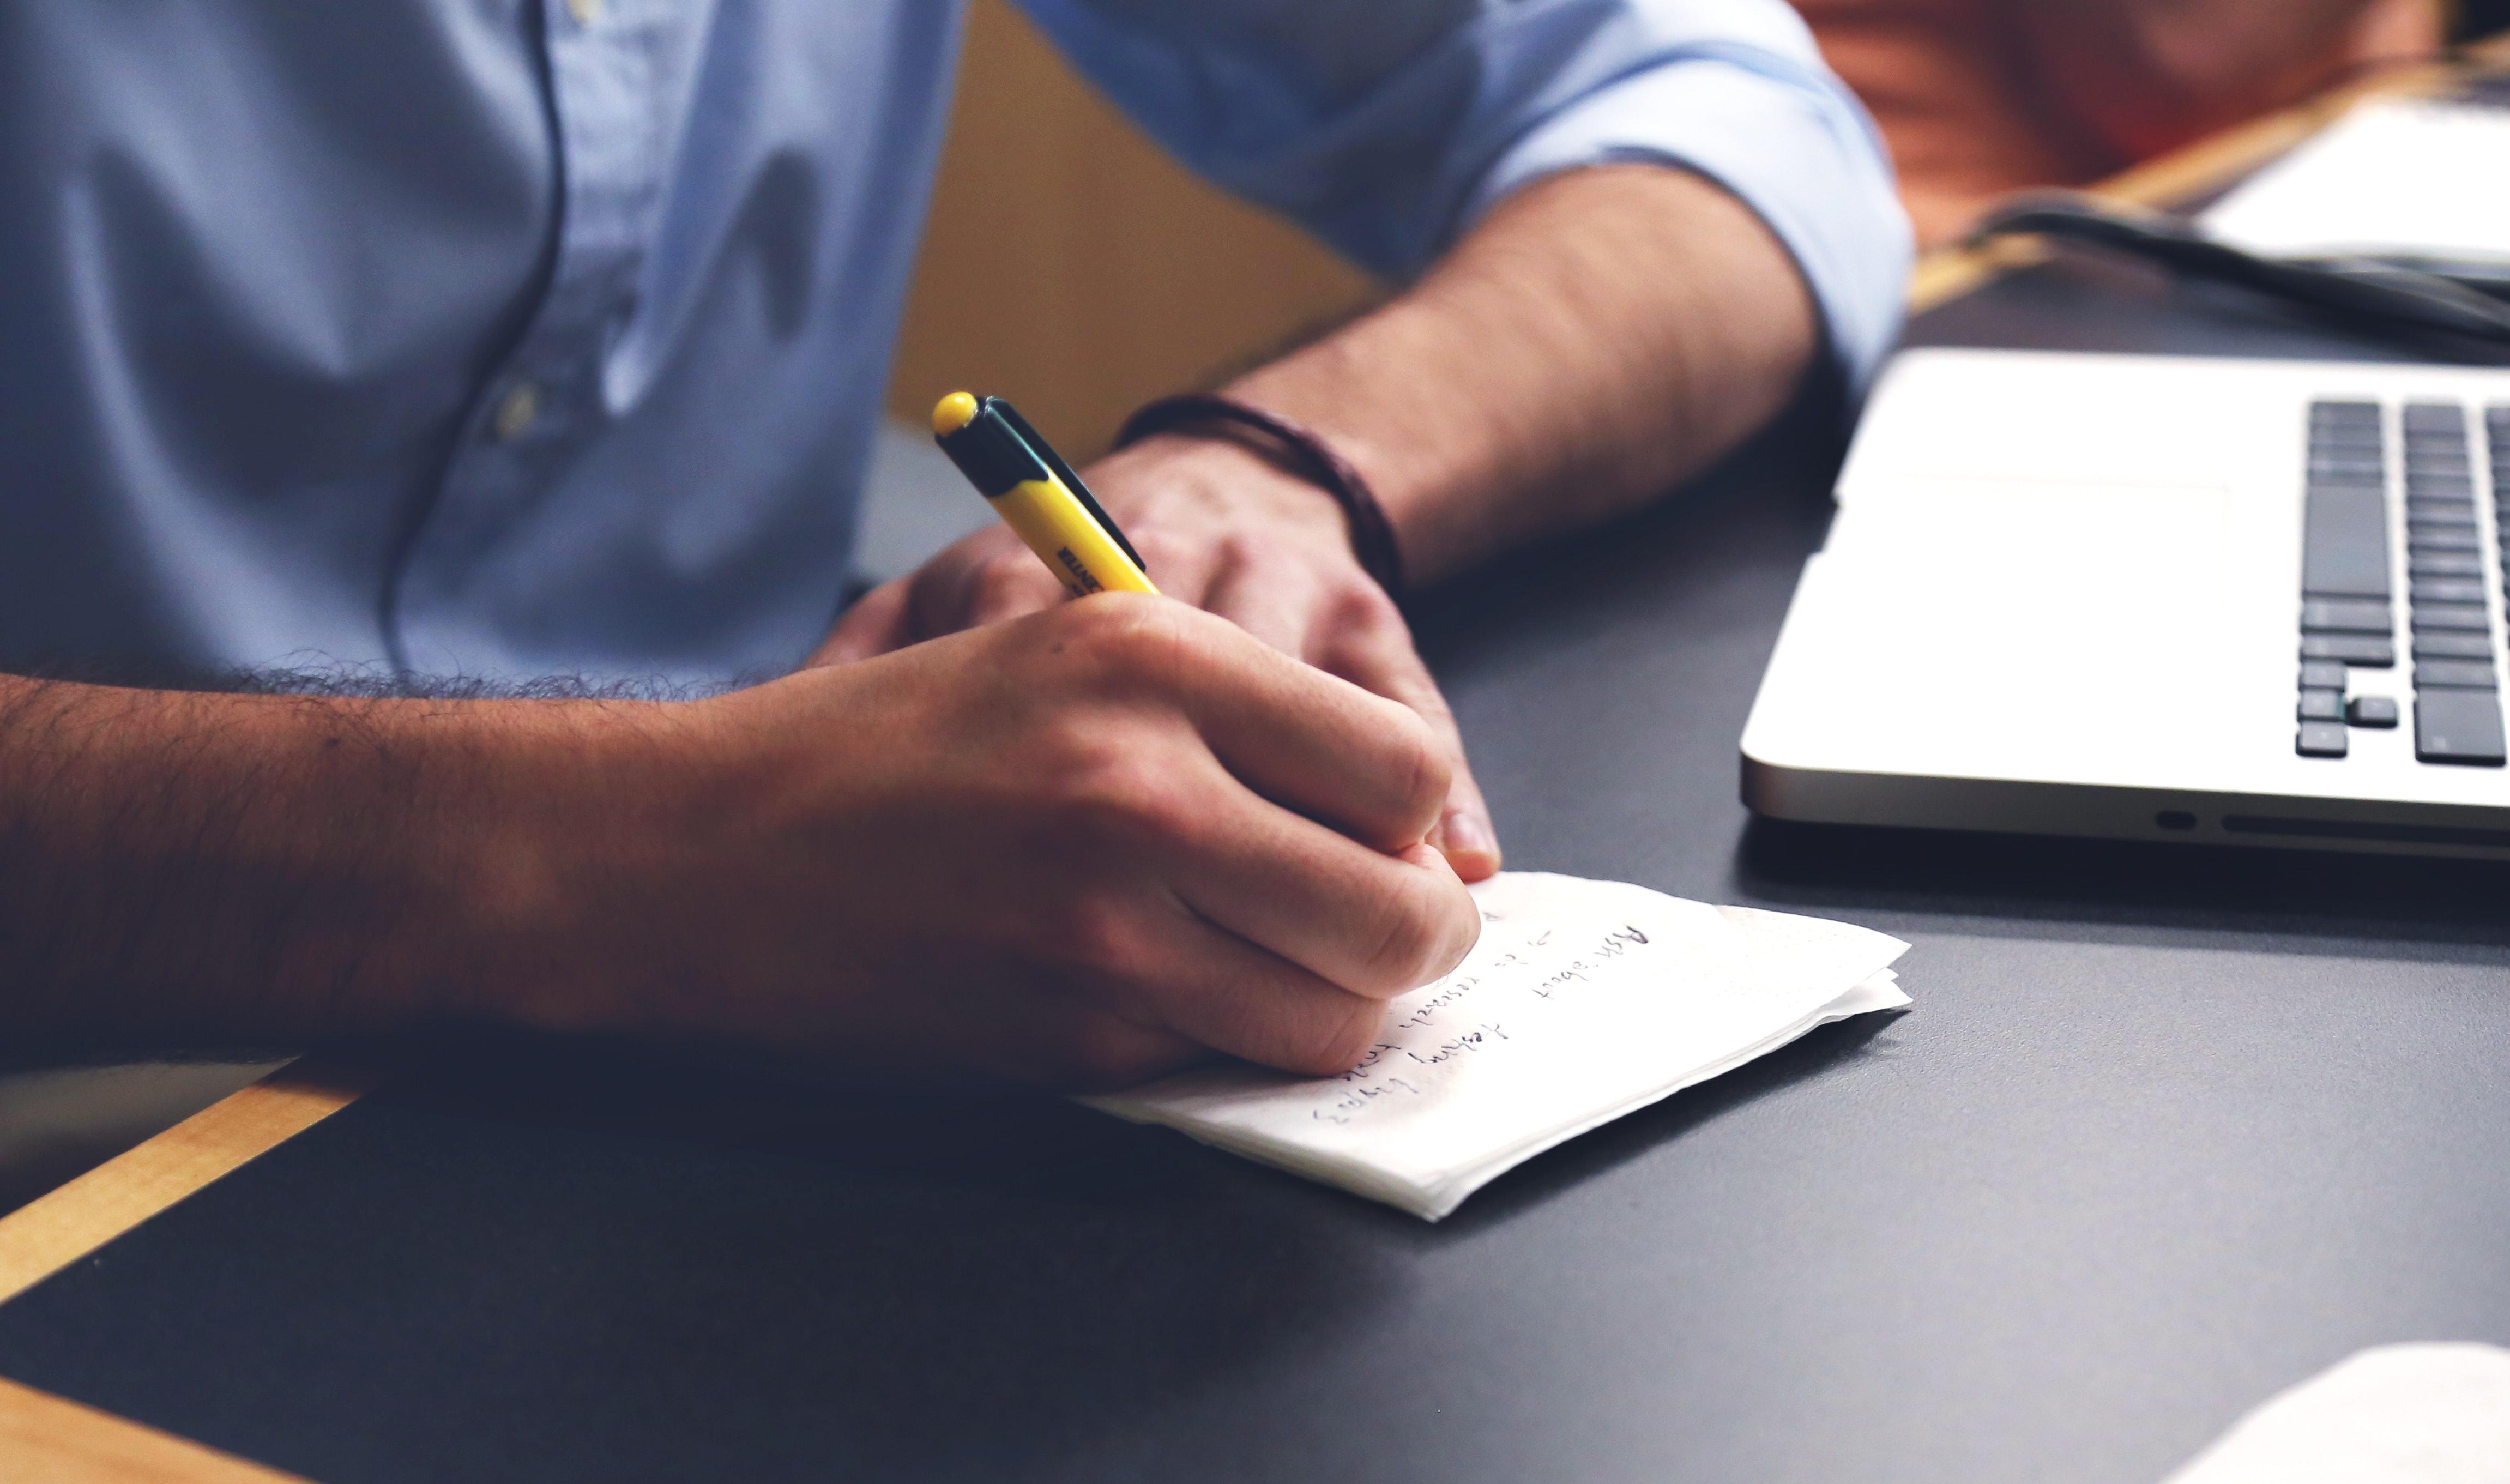 למה חשוב לבחור משכנתא עם נקודות יציאה